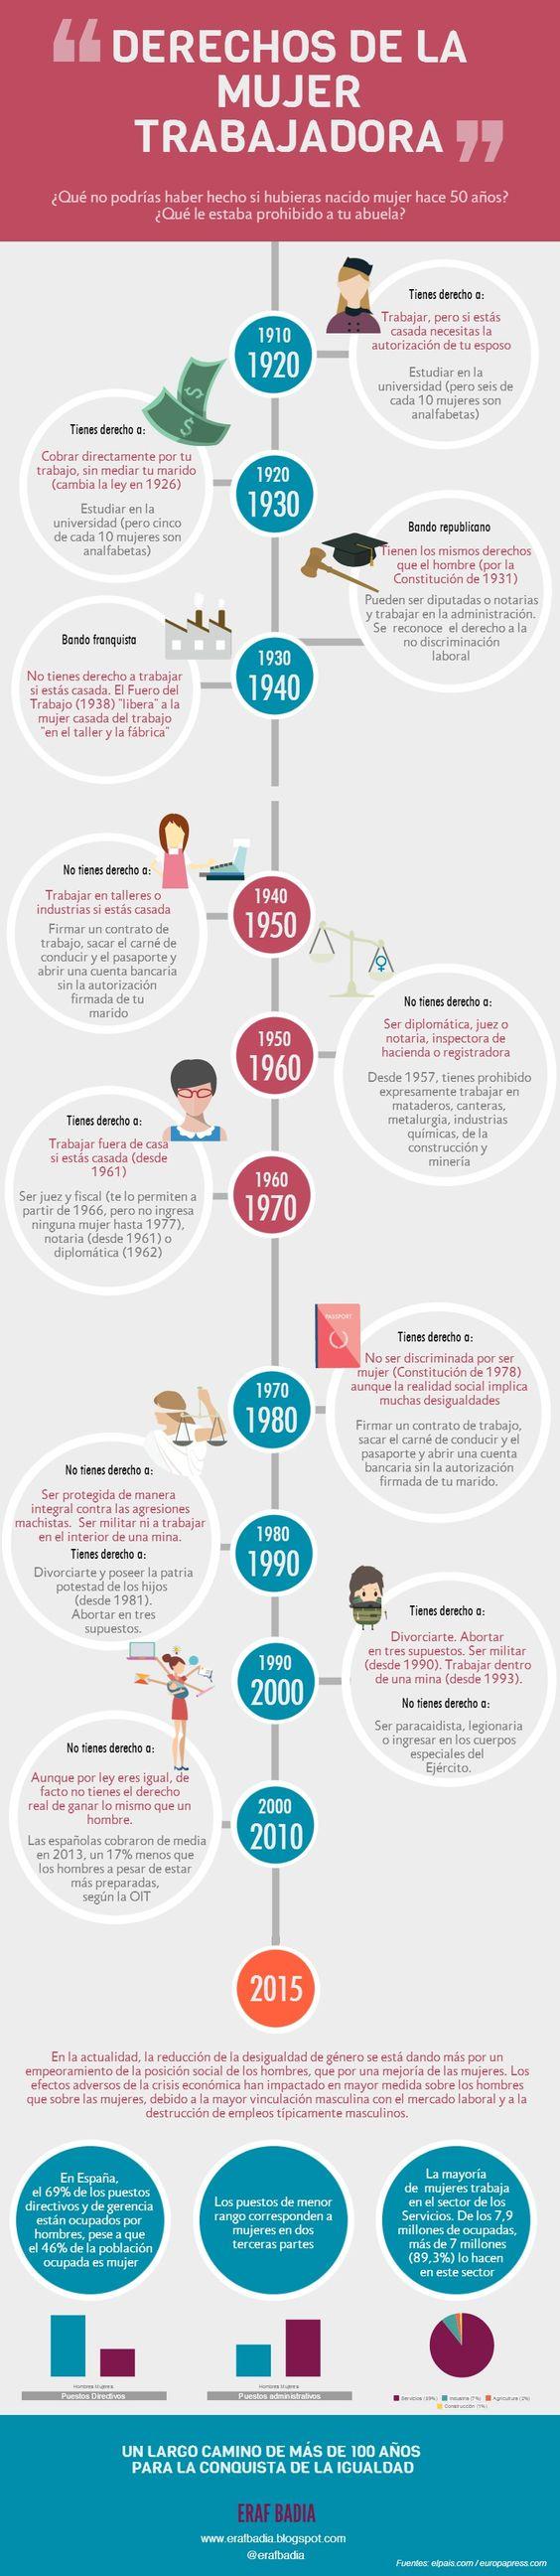 Dia de la mujer trabajadora. #Infografía sobre la evolución de los derechos de la mujer española a lo largo de un camino de más de 100 años para la conquista de sus derechos. #empleo #infographic